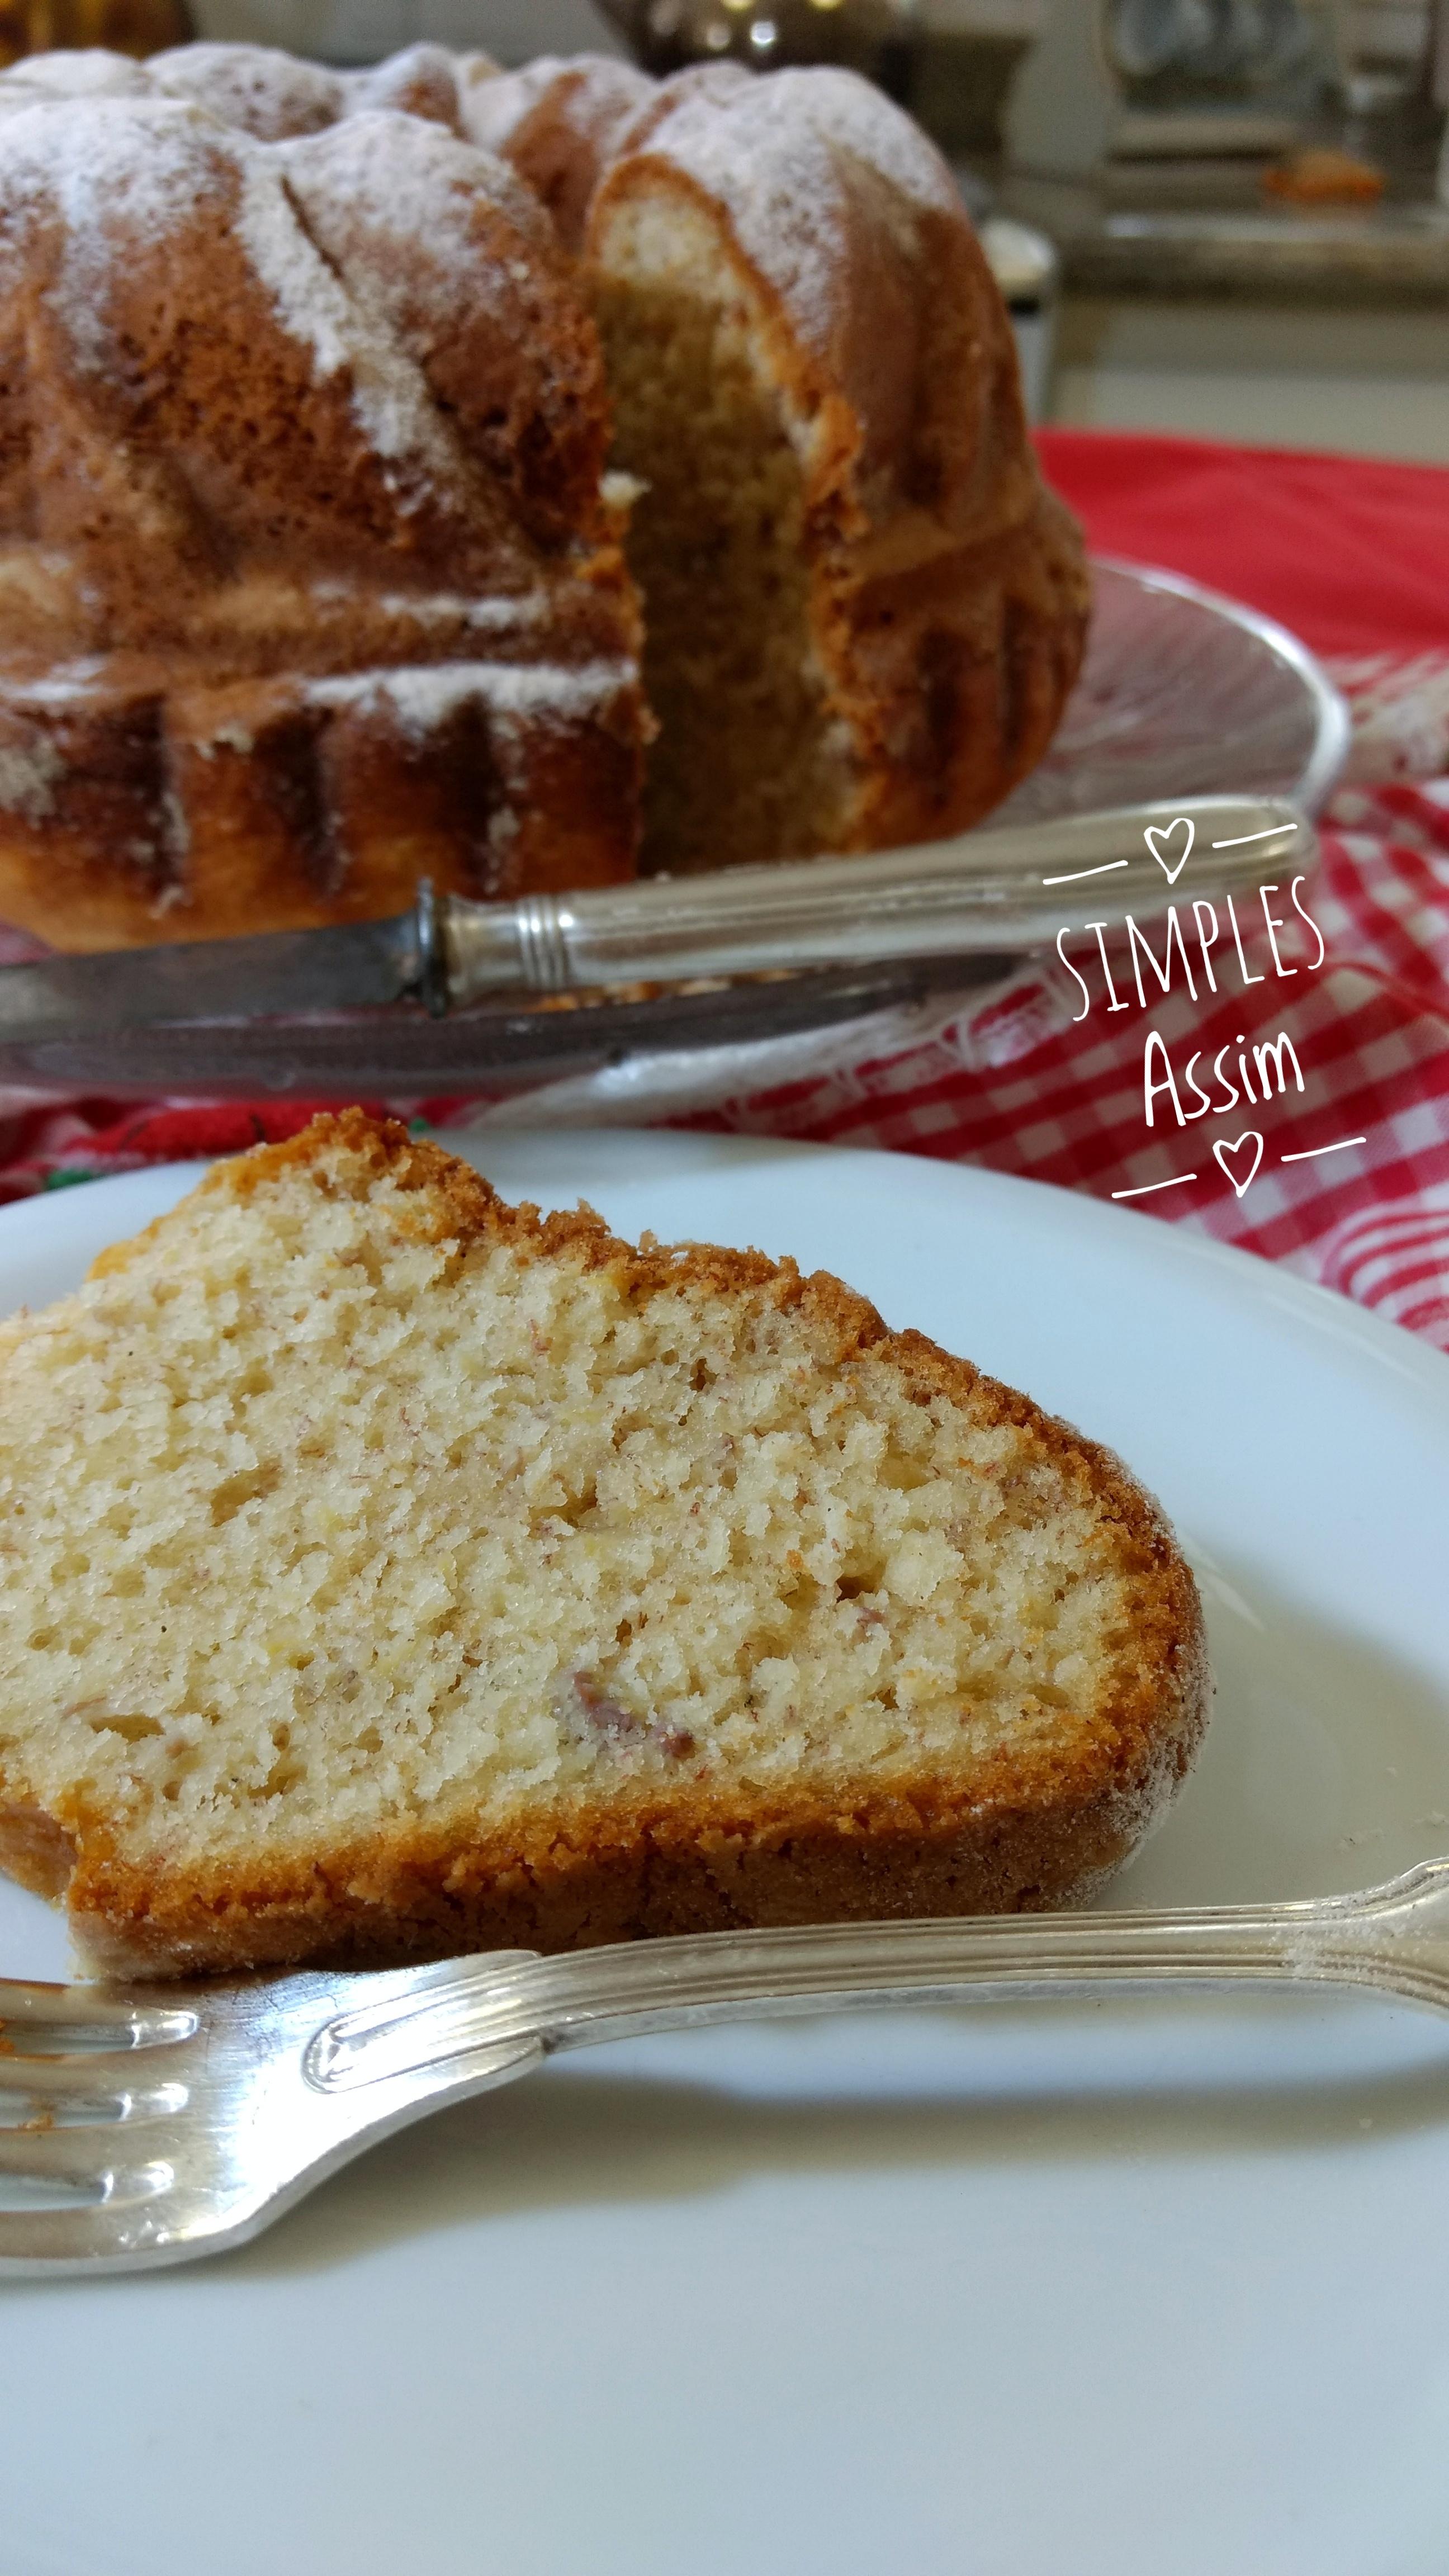 Este bolo de banana fofinho é muito fácil de preparar e leva poucos ingredientes. Fica uma delícia para acompanhar um cafezinho.